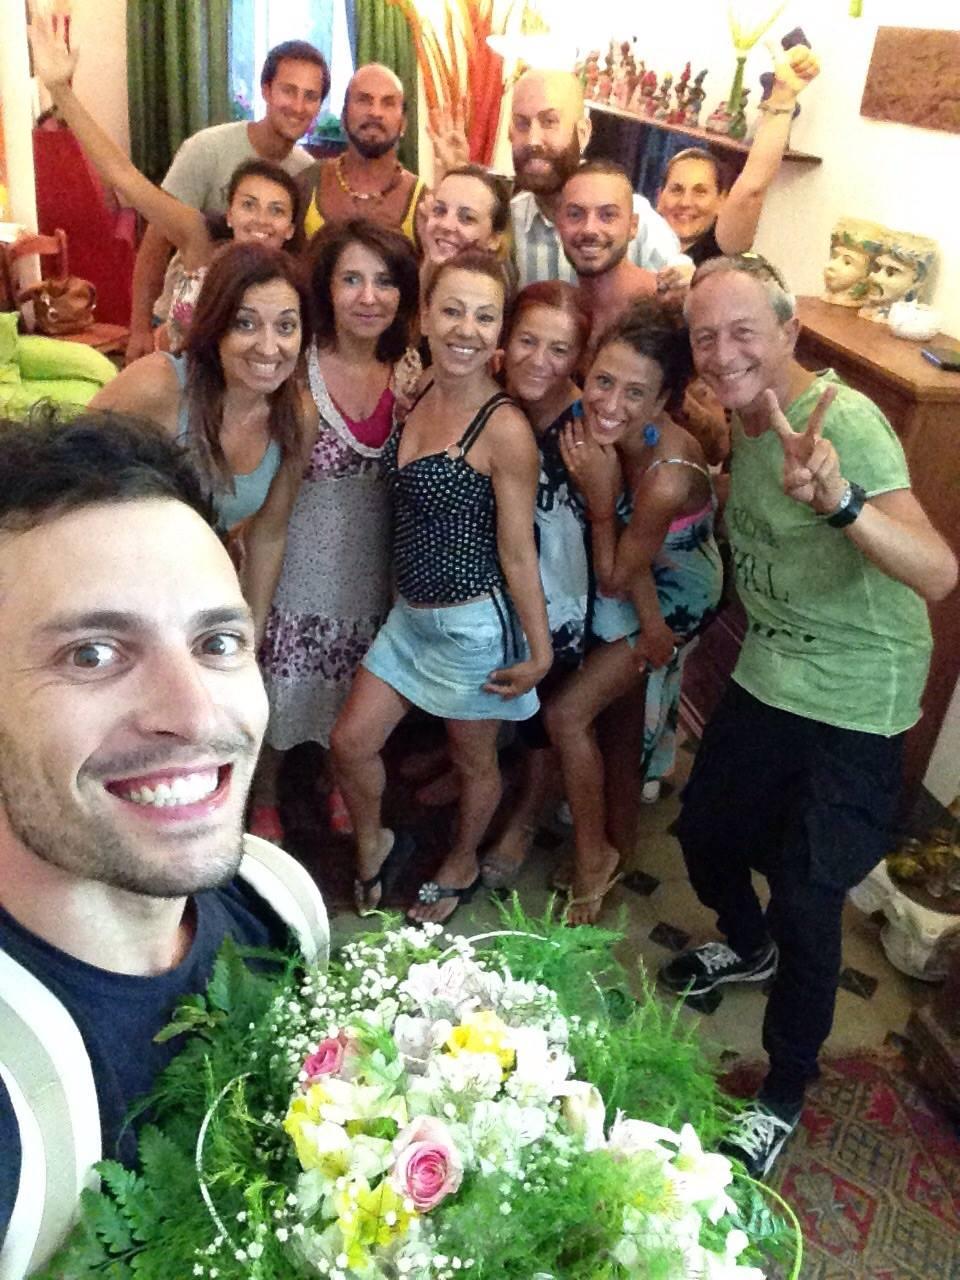 Roca iglesia en italia feliz juntos después de grupo de células sonrisas paz